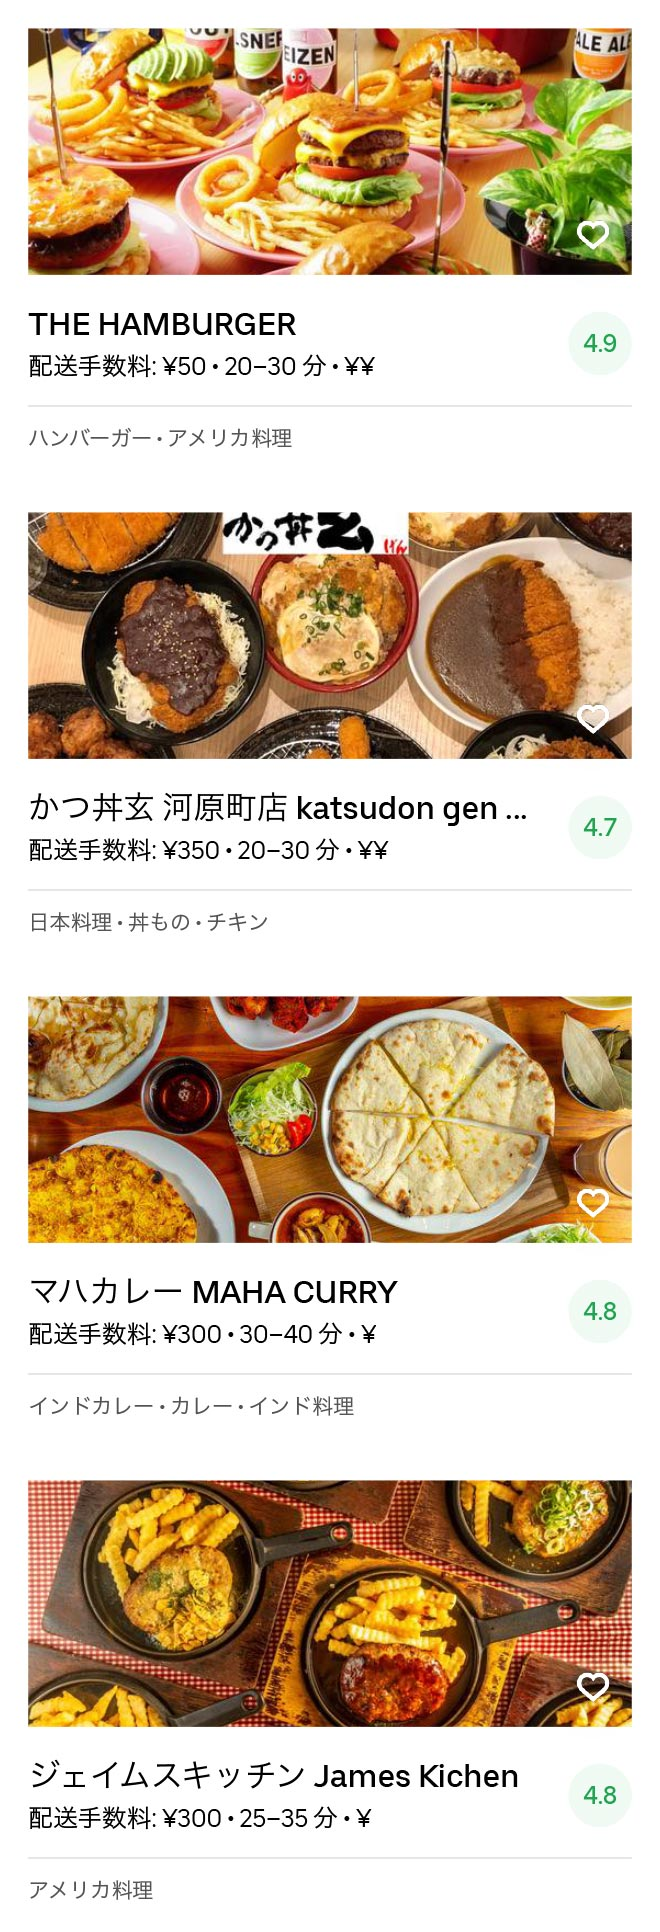 Kyoto kitaoji menu 2005 06